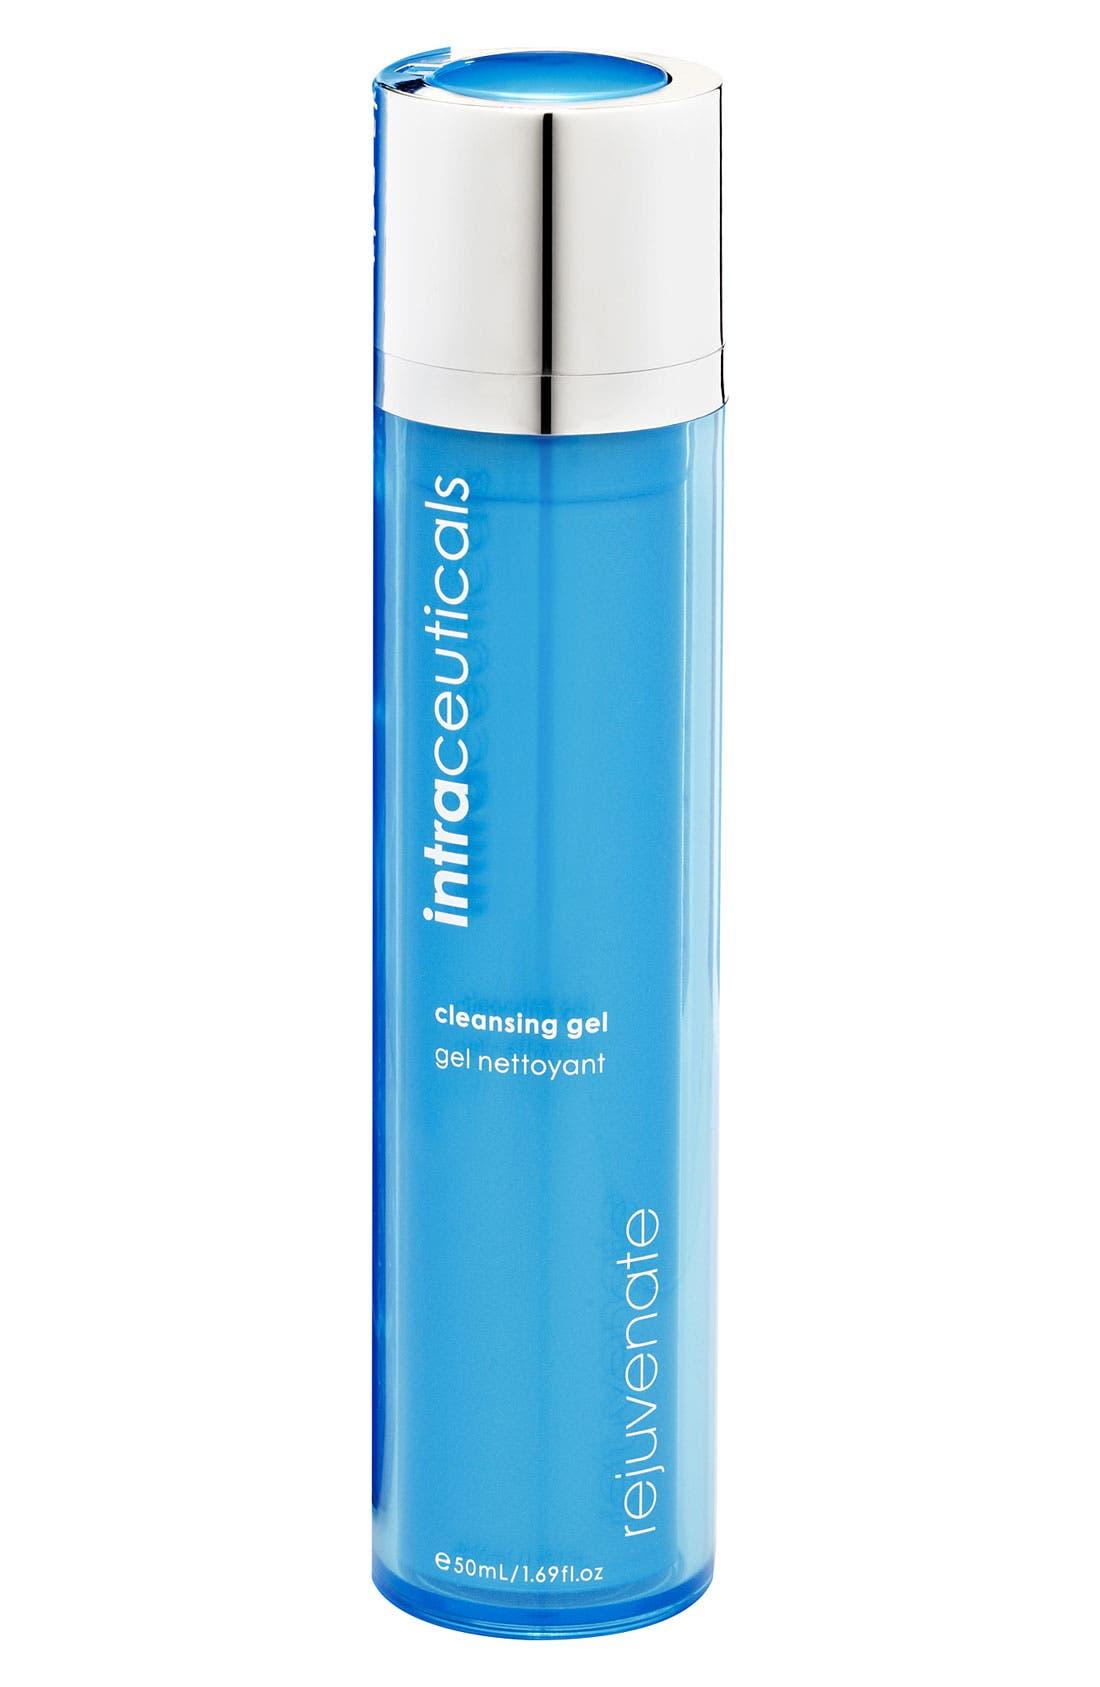 intraceuticals® 'Rejuvenate' Cleansing Gel